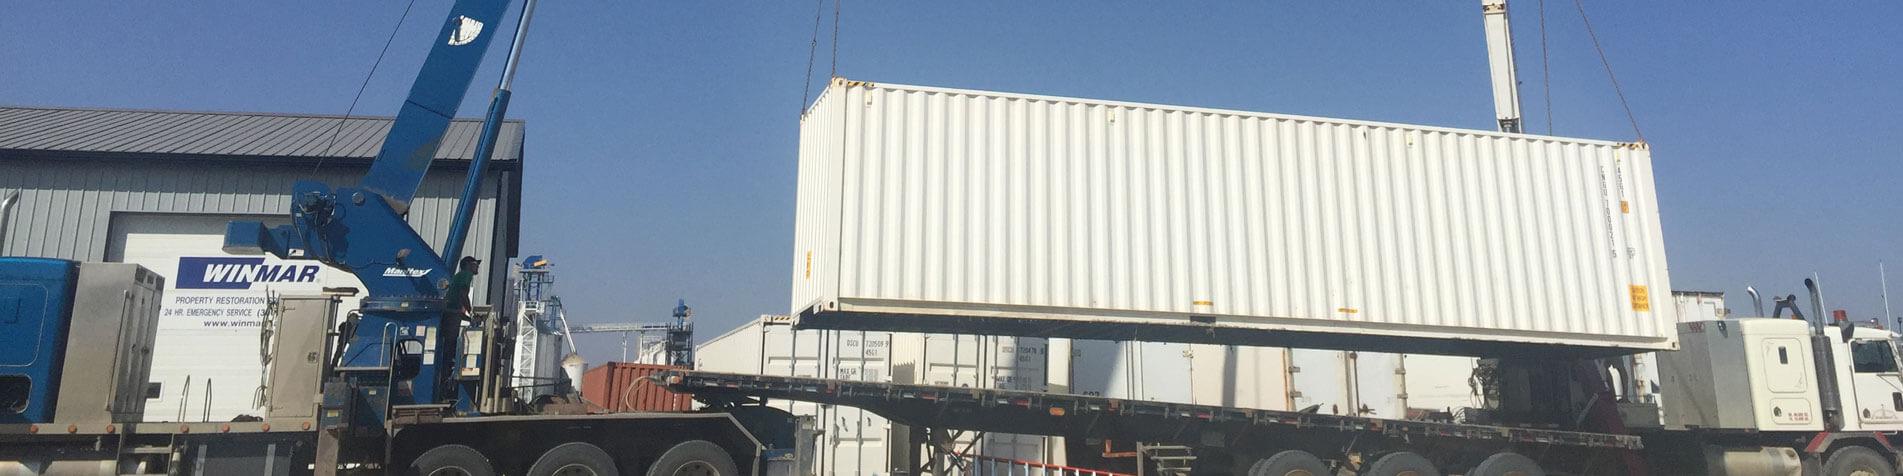 Crane lifting cargo